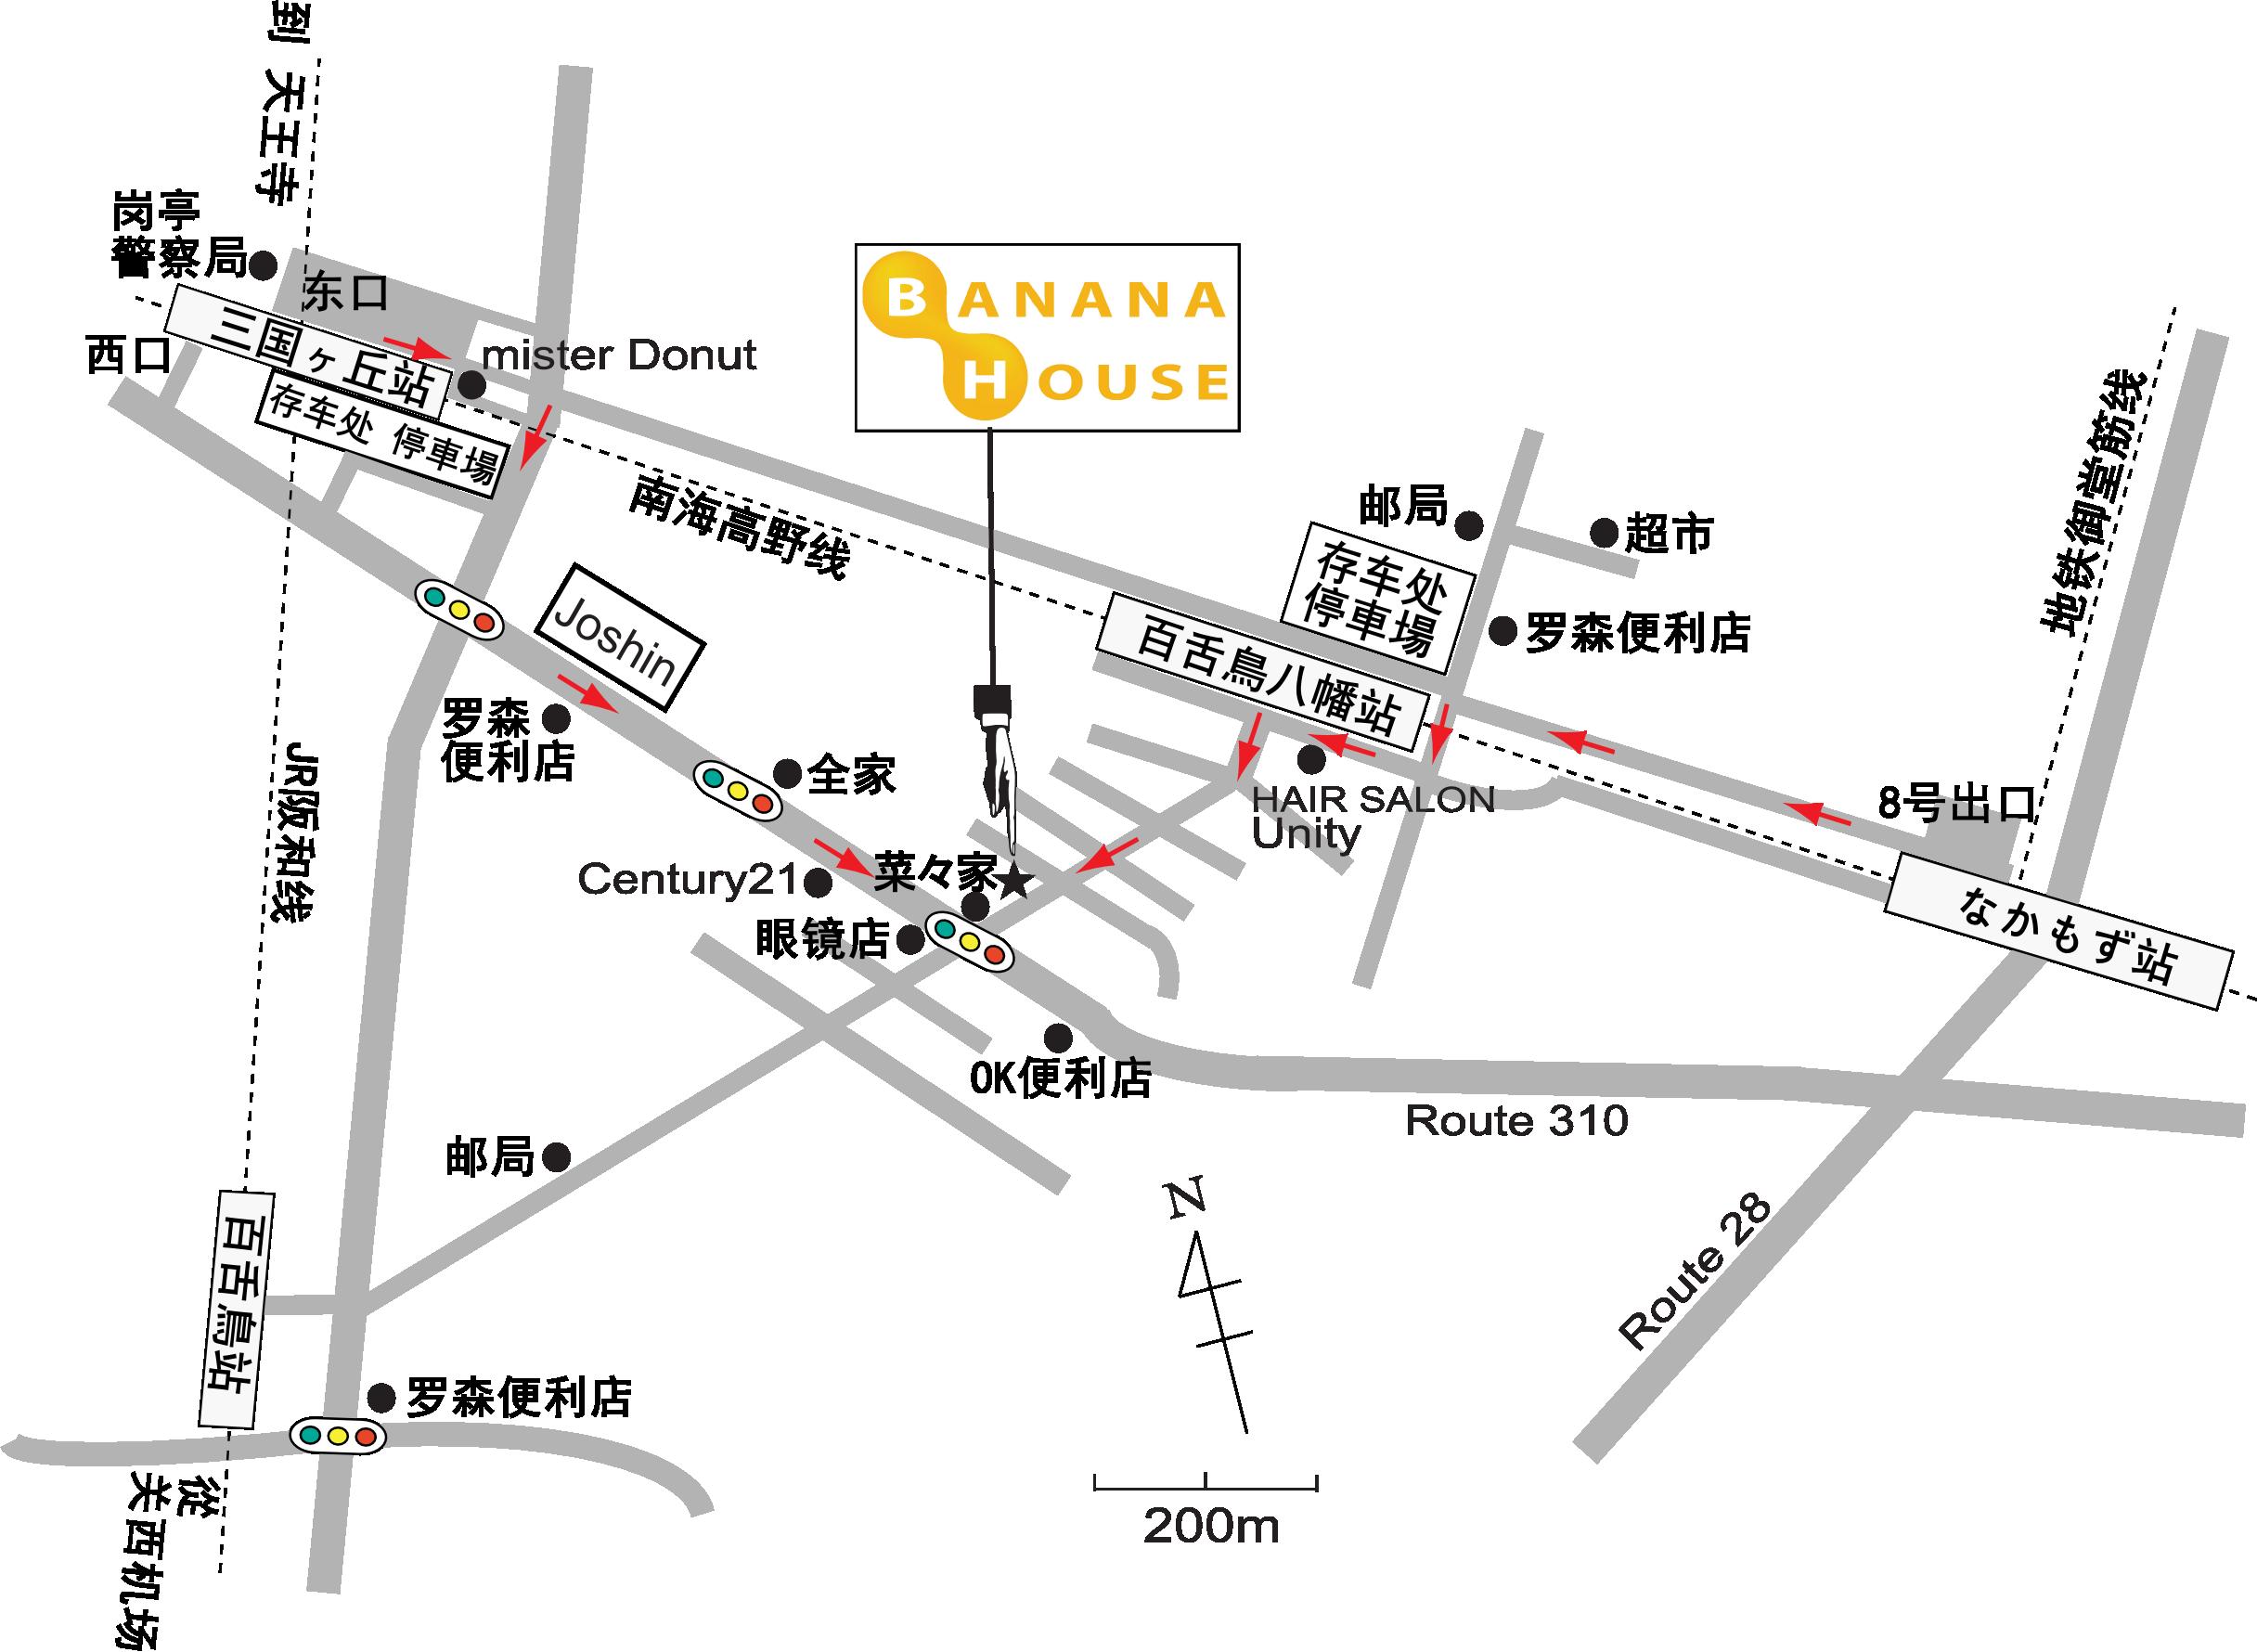 banana_map_cn